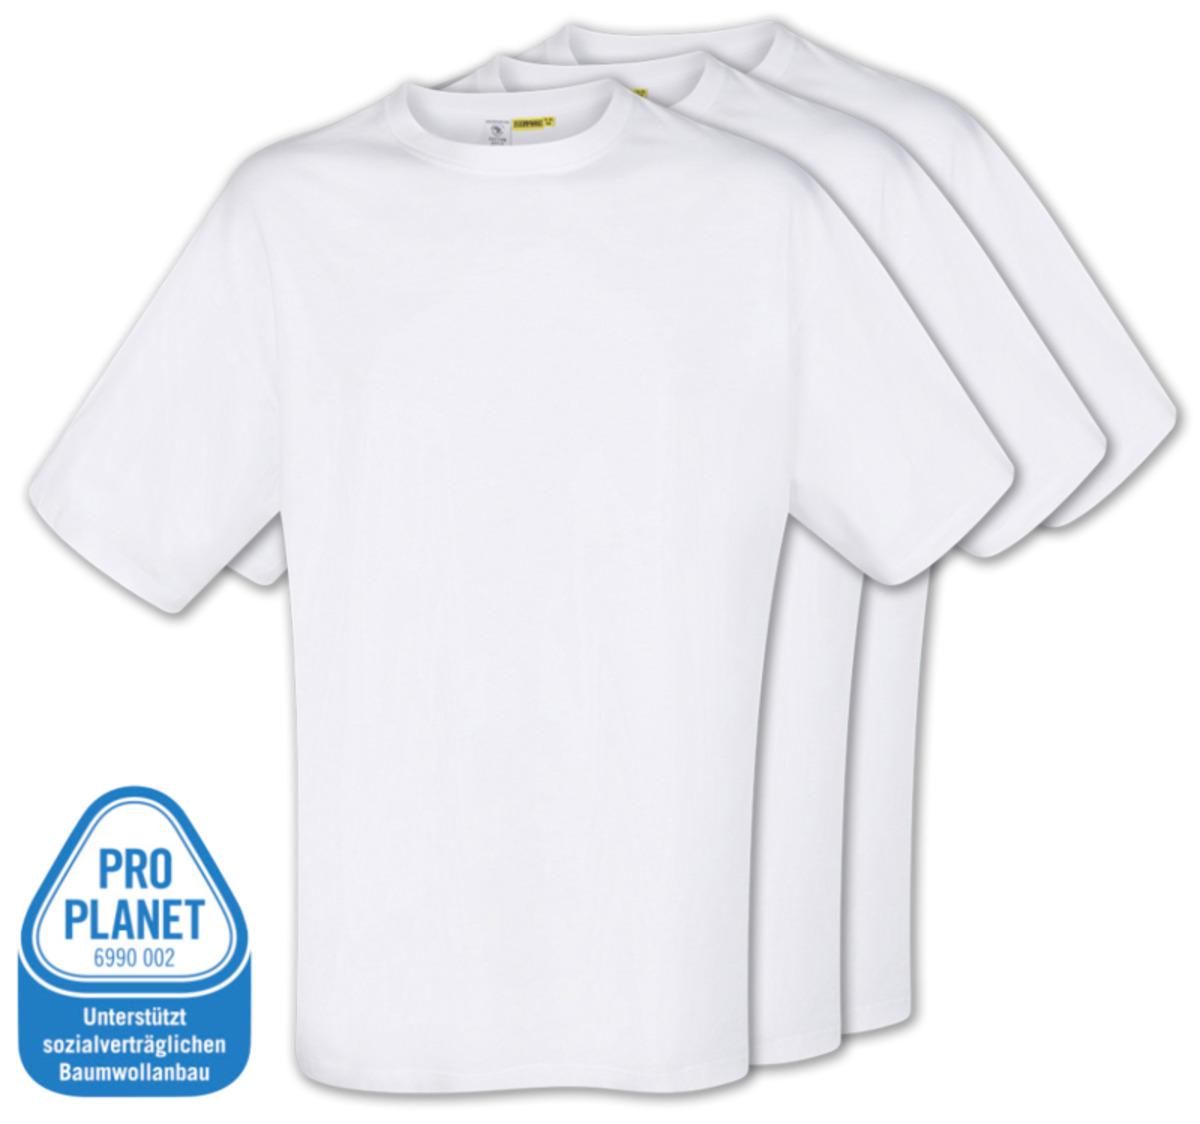 Bild 1 von PUREWORK Herren-T-Shirts